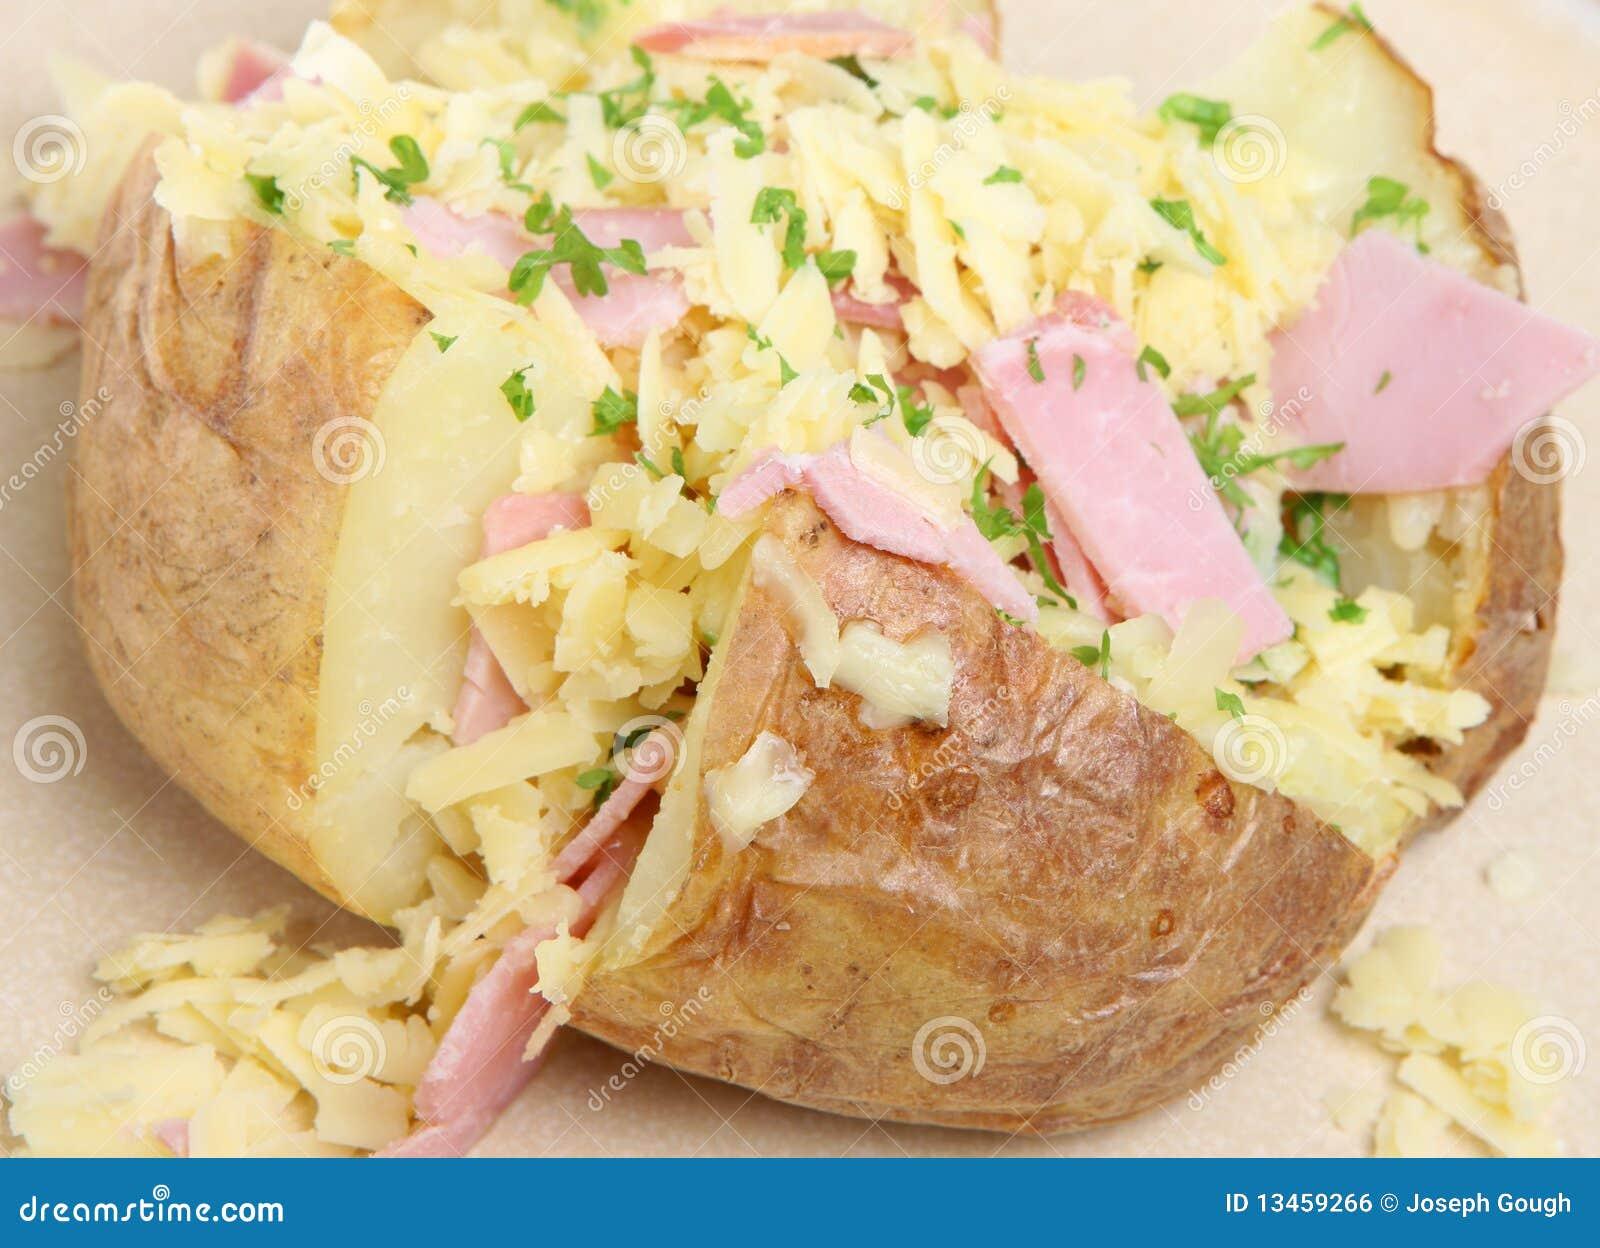 Pomme de terre en robe de chambre avec du jambon et le fromage